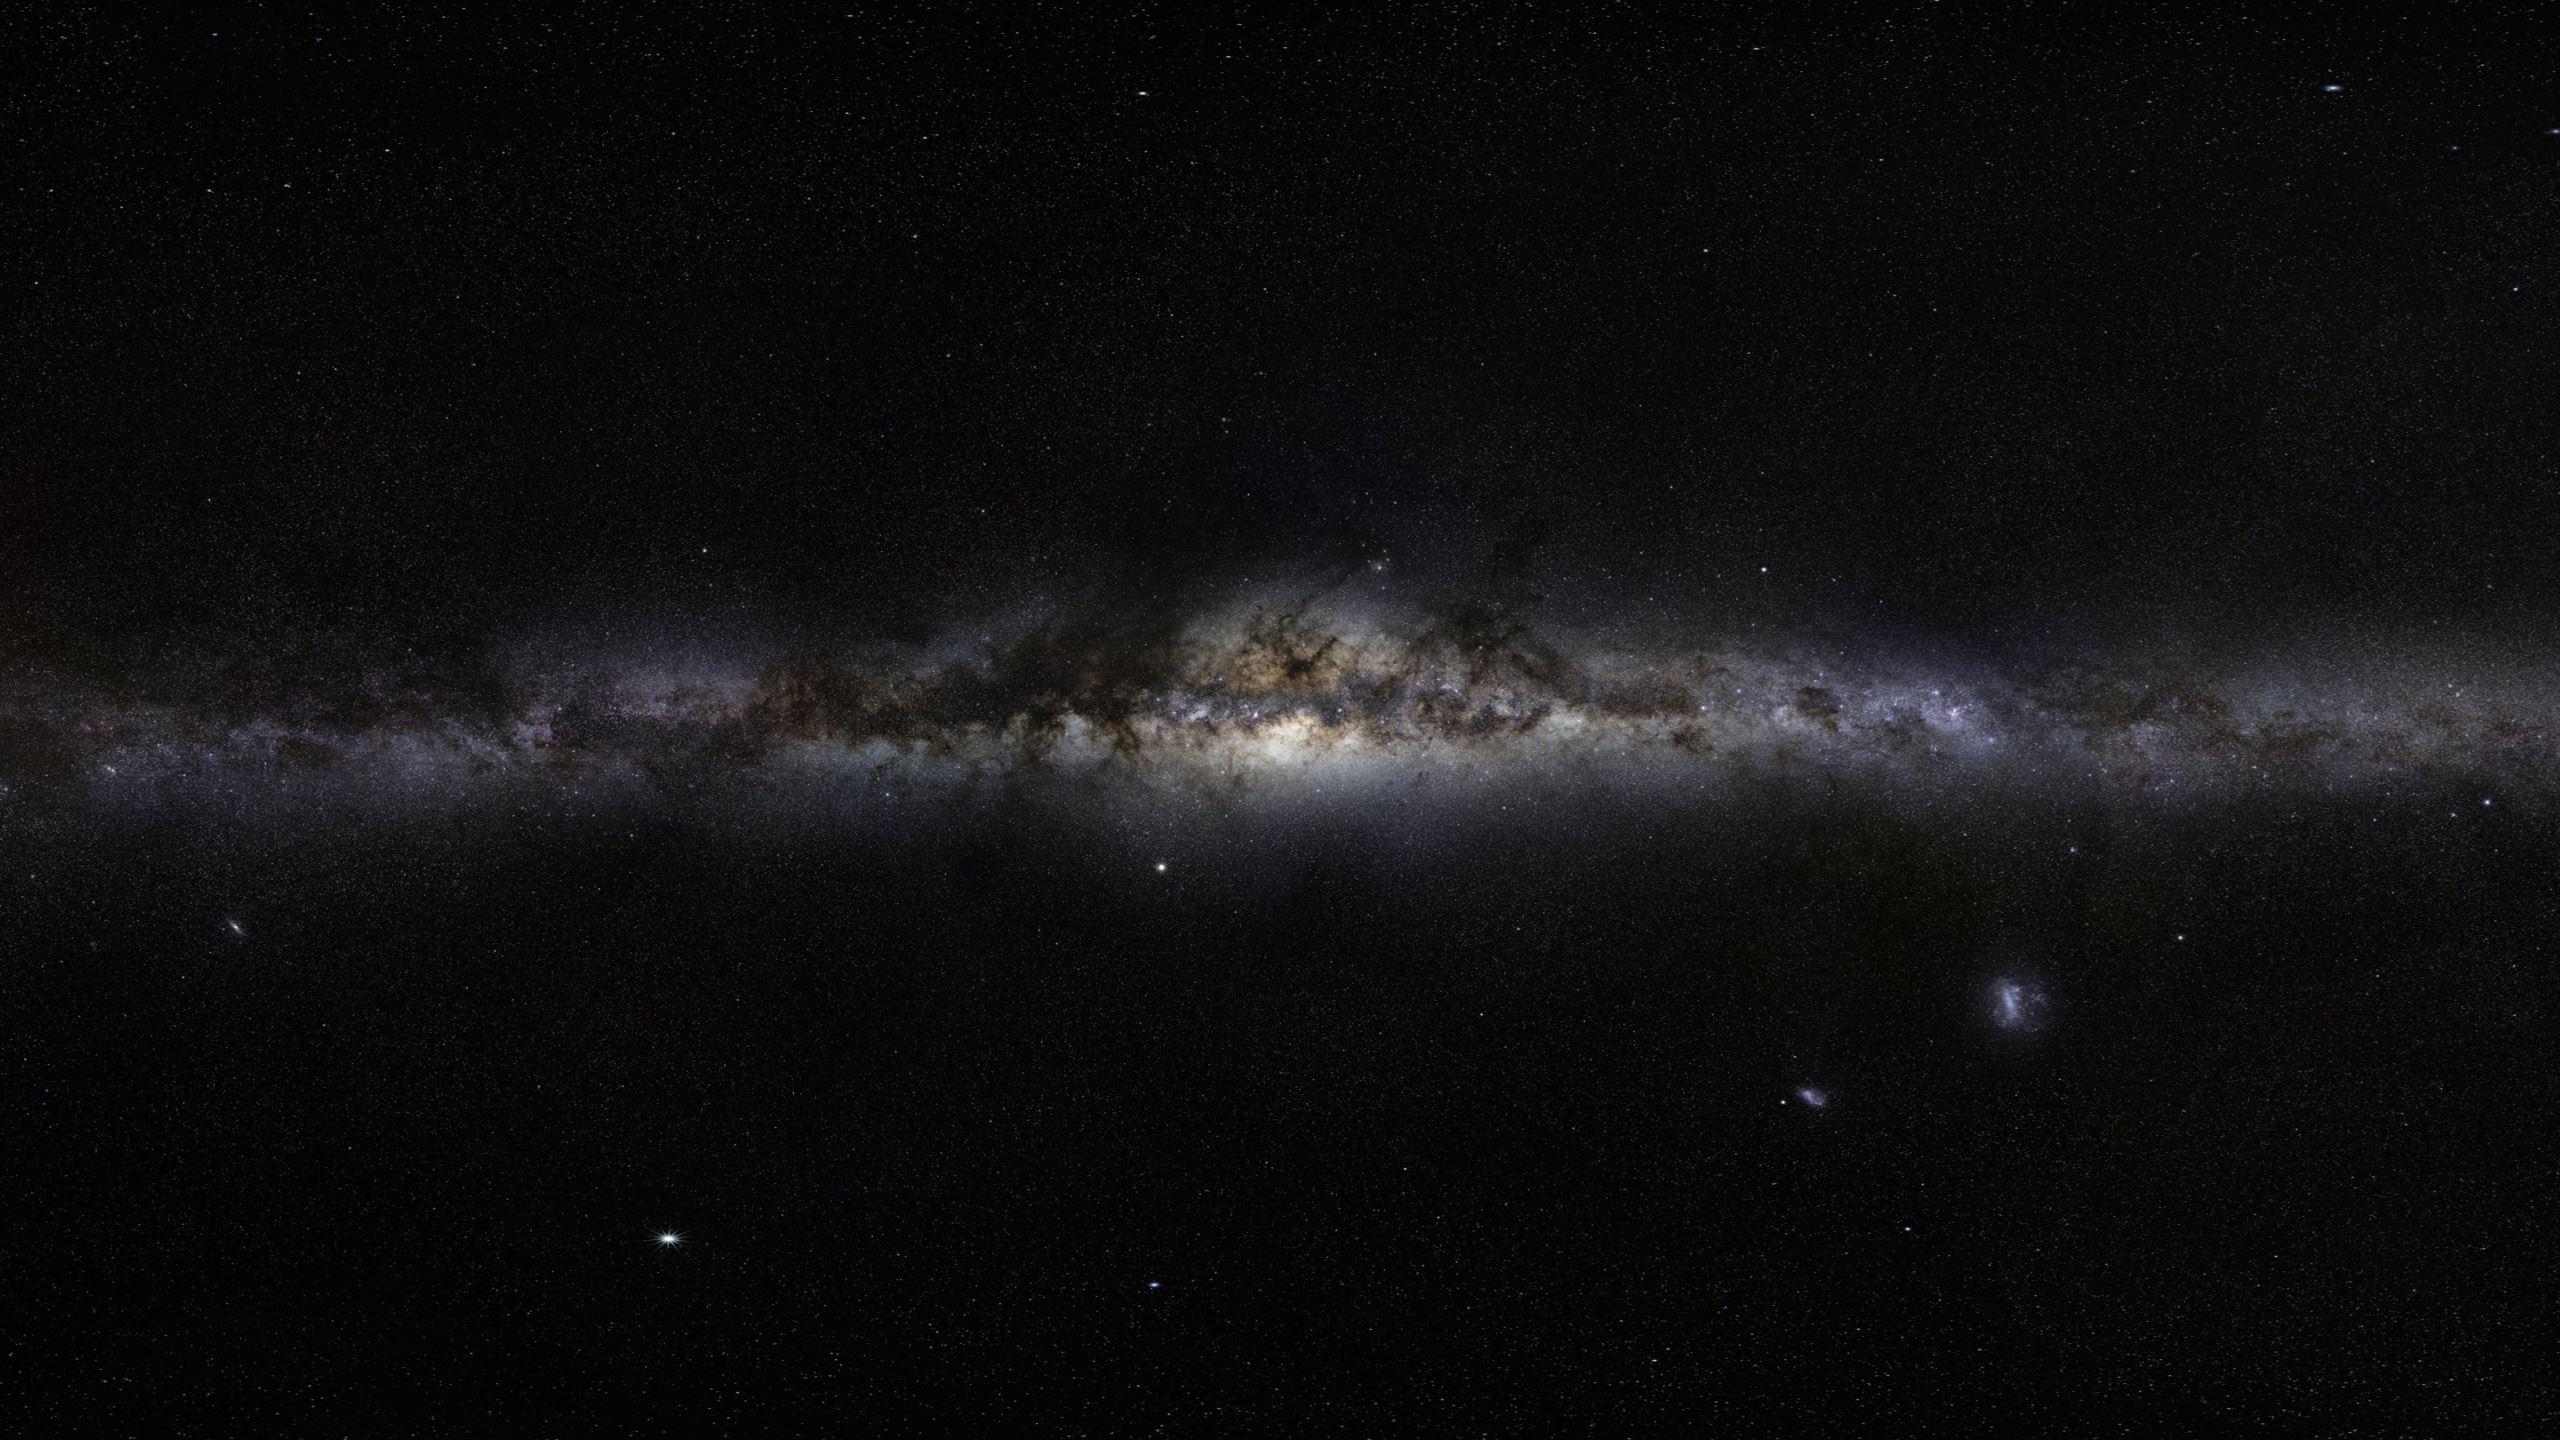 Starry Sky Wallpaper x ID